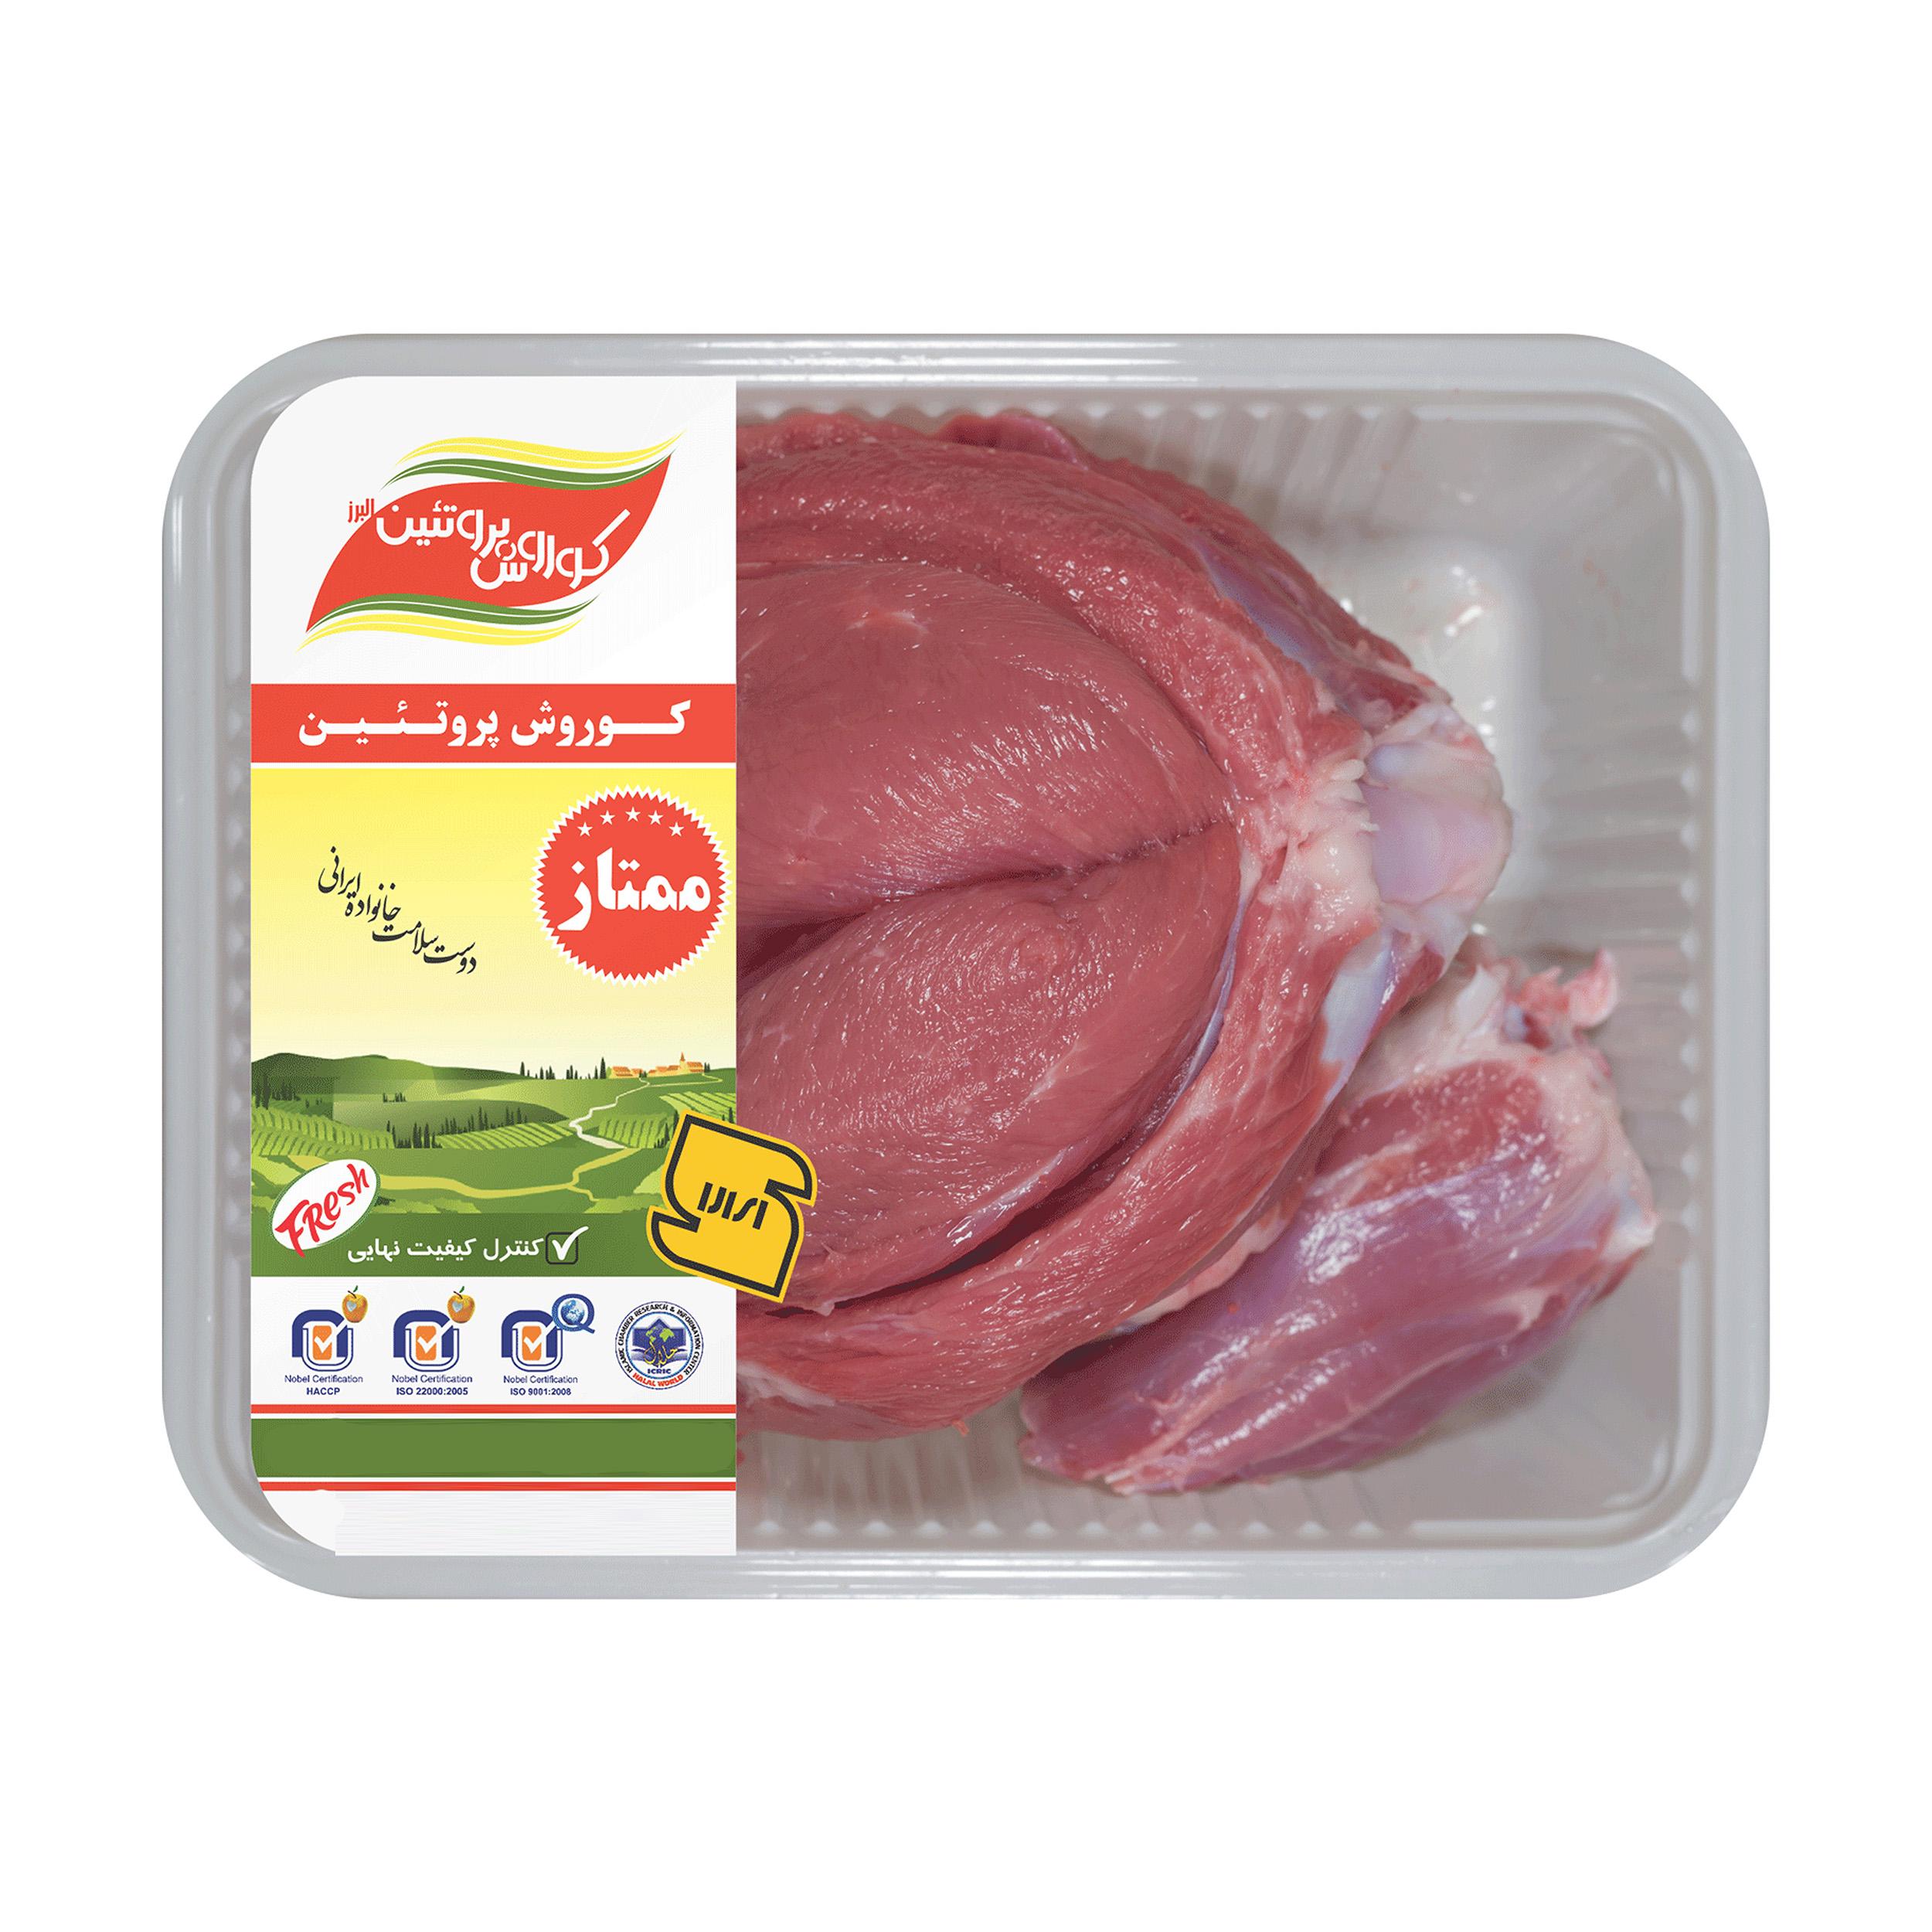 ران گوسفندی کوروش پروتئین البرز مقدار 1 کیلوگرم - ارز نیمایی thumb